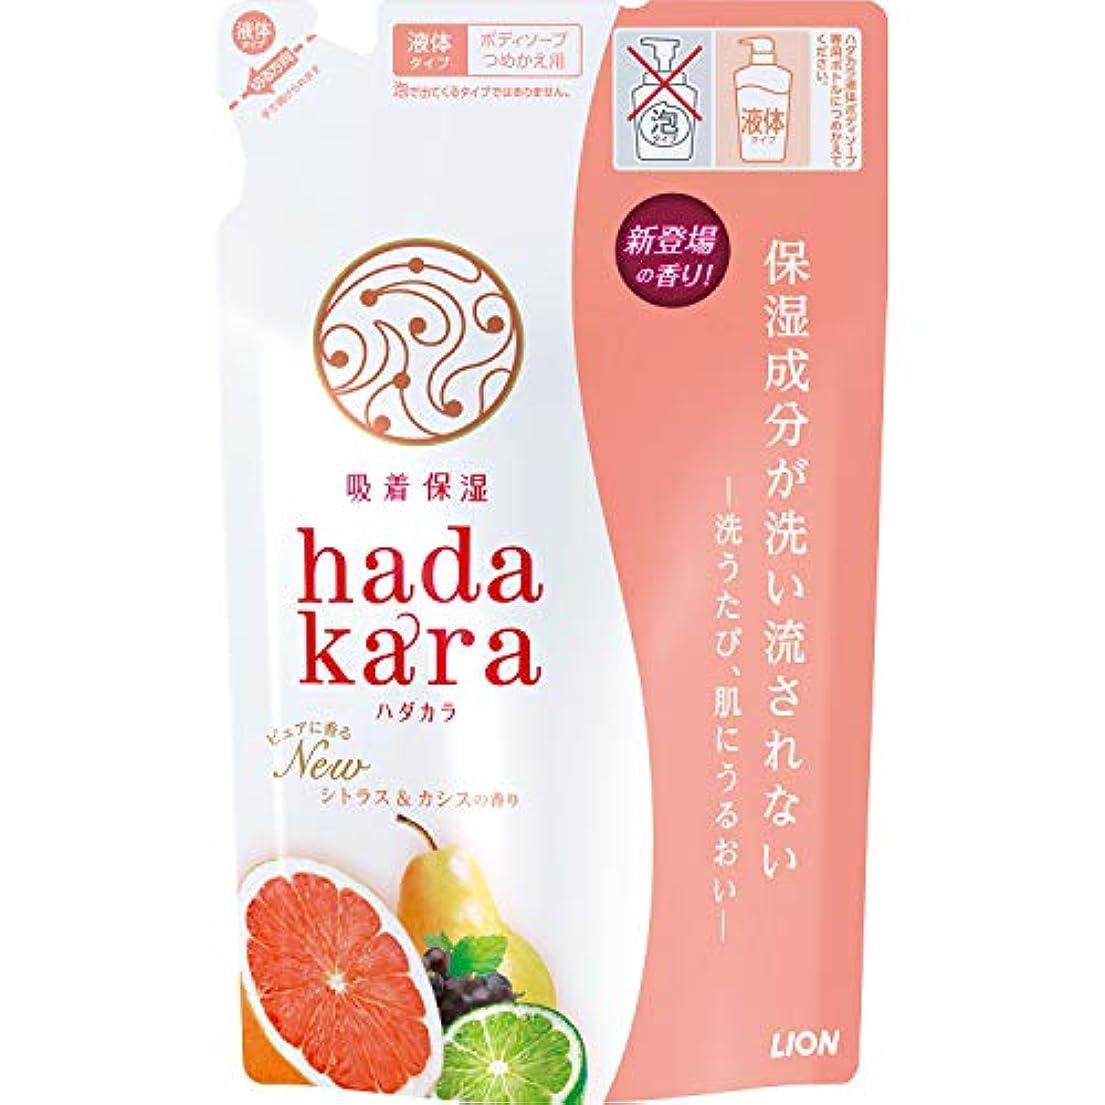 テニス数学的なモンゴメリーhadakara(ハダカラ) ボディソープ シトラス&カシスの香り つめかえ 360ml 詰替え用